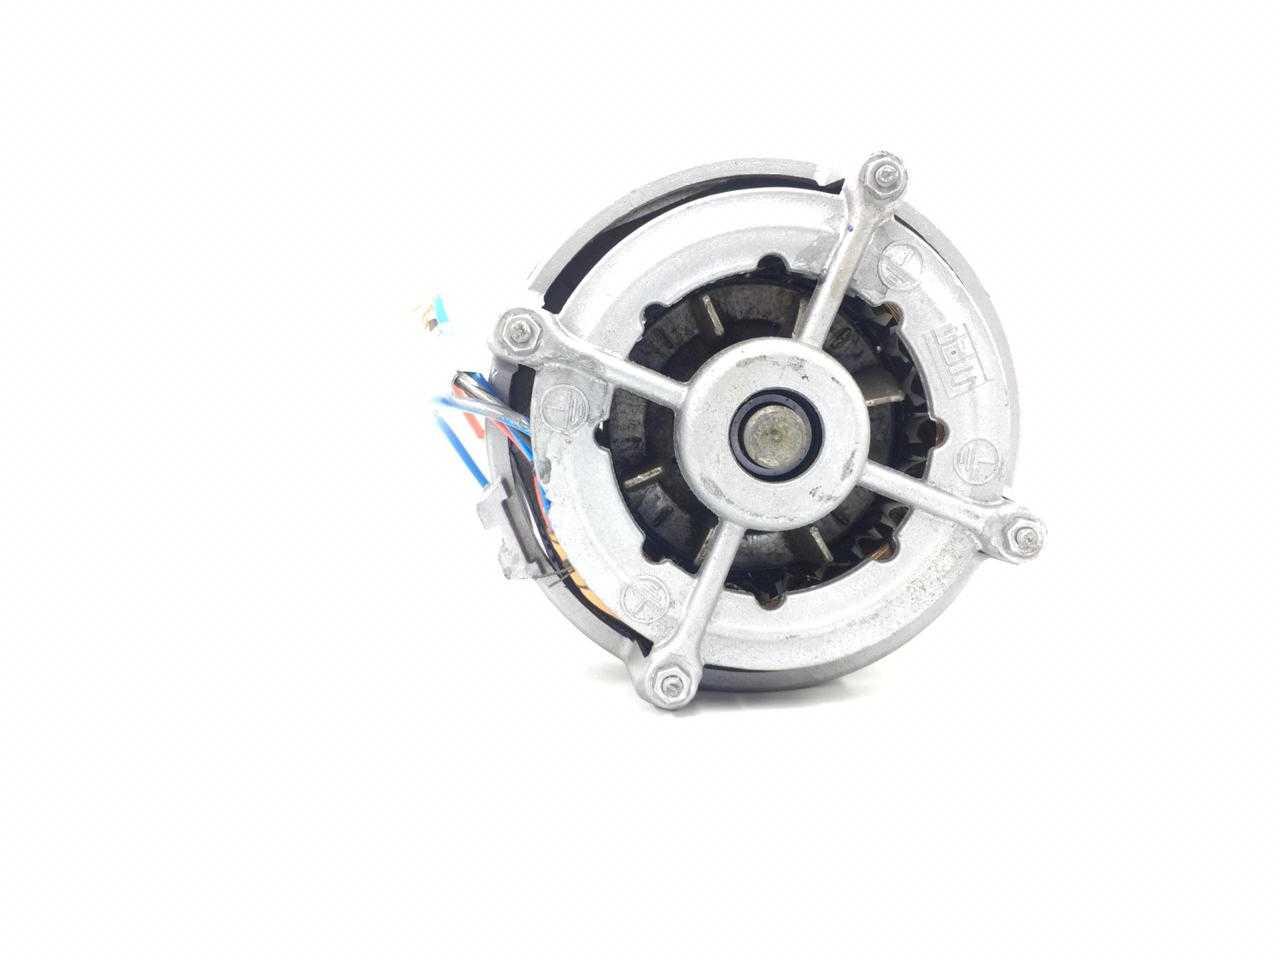 Motor recondicionado compatível tanquinho Latina Plena 127v